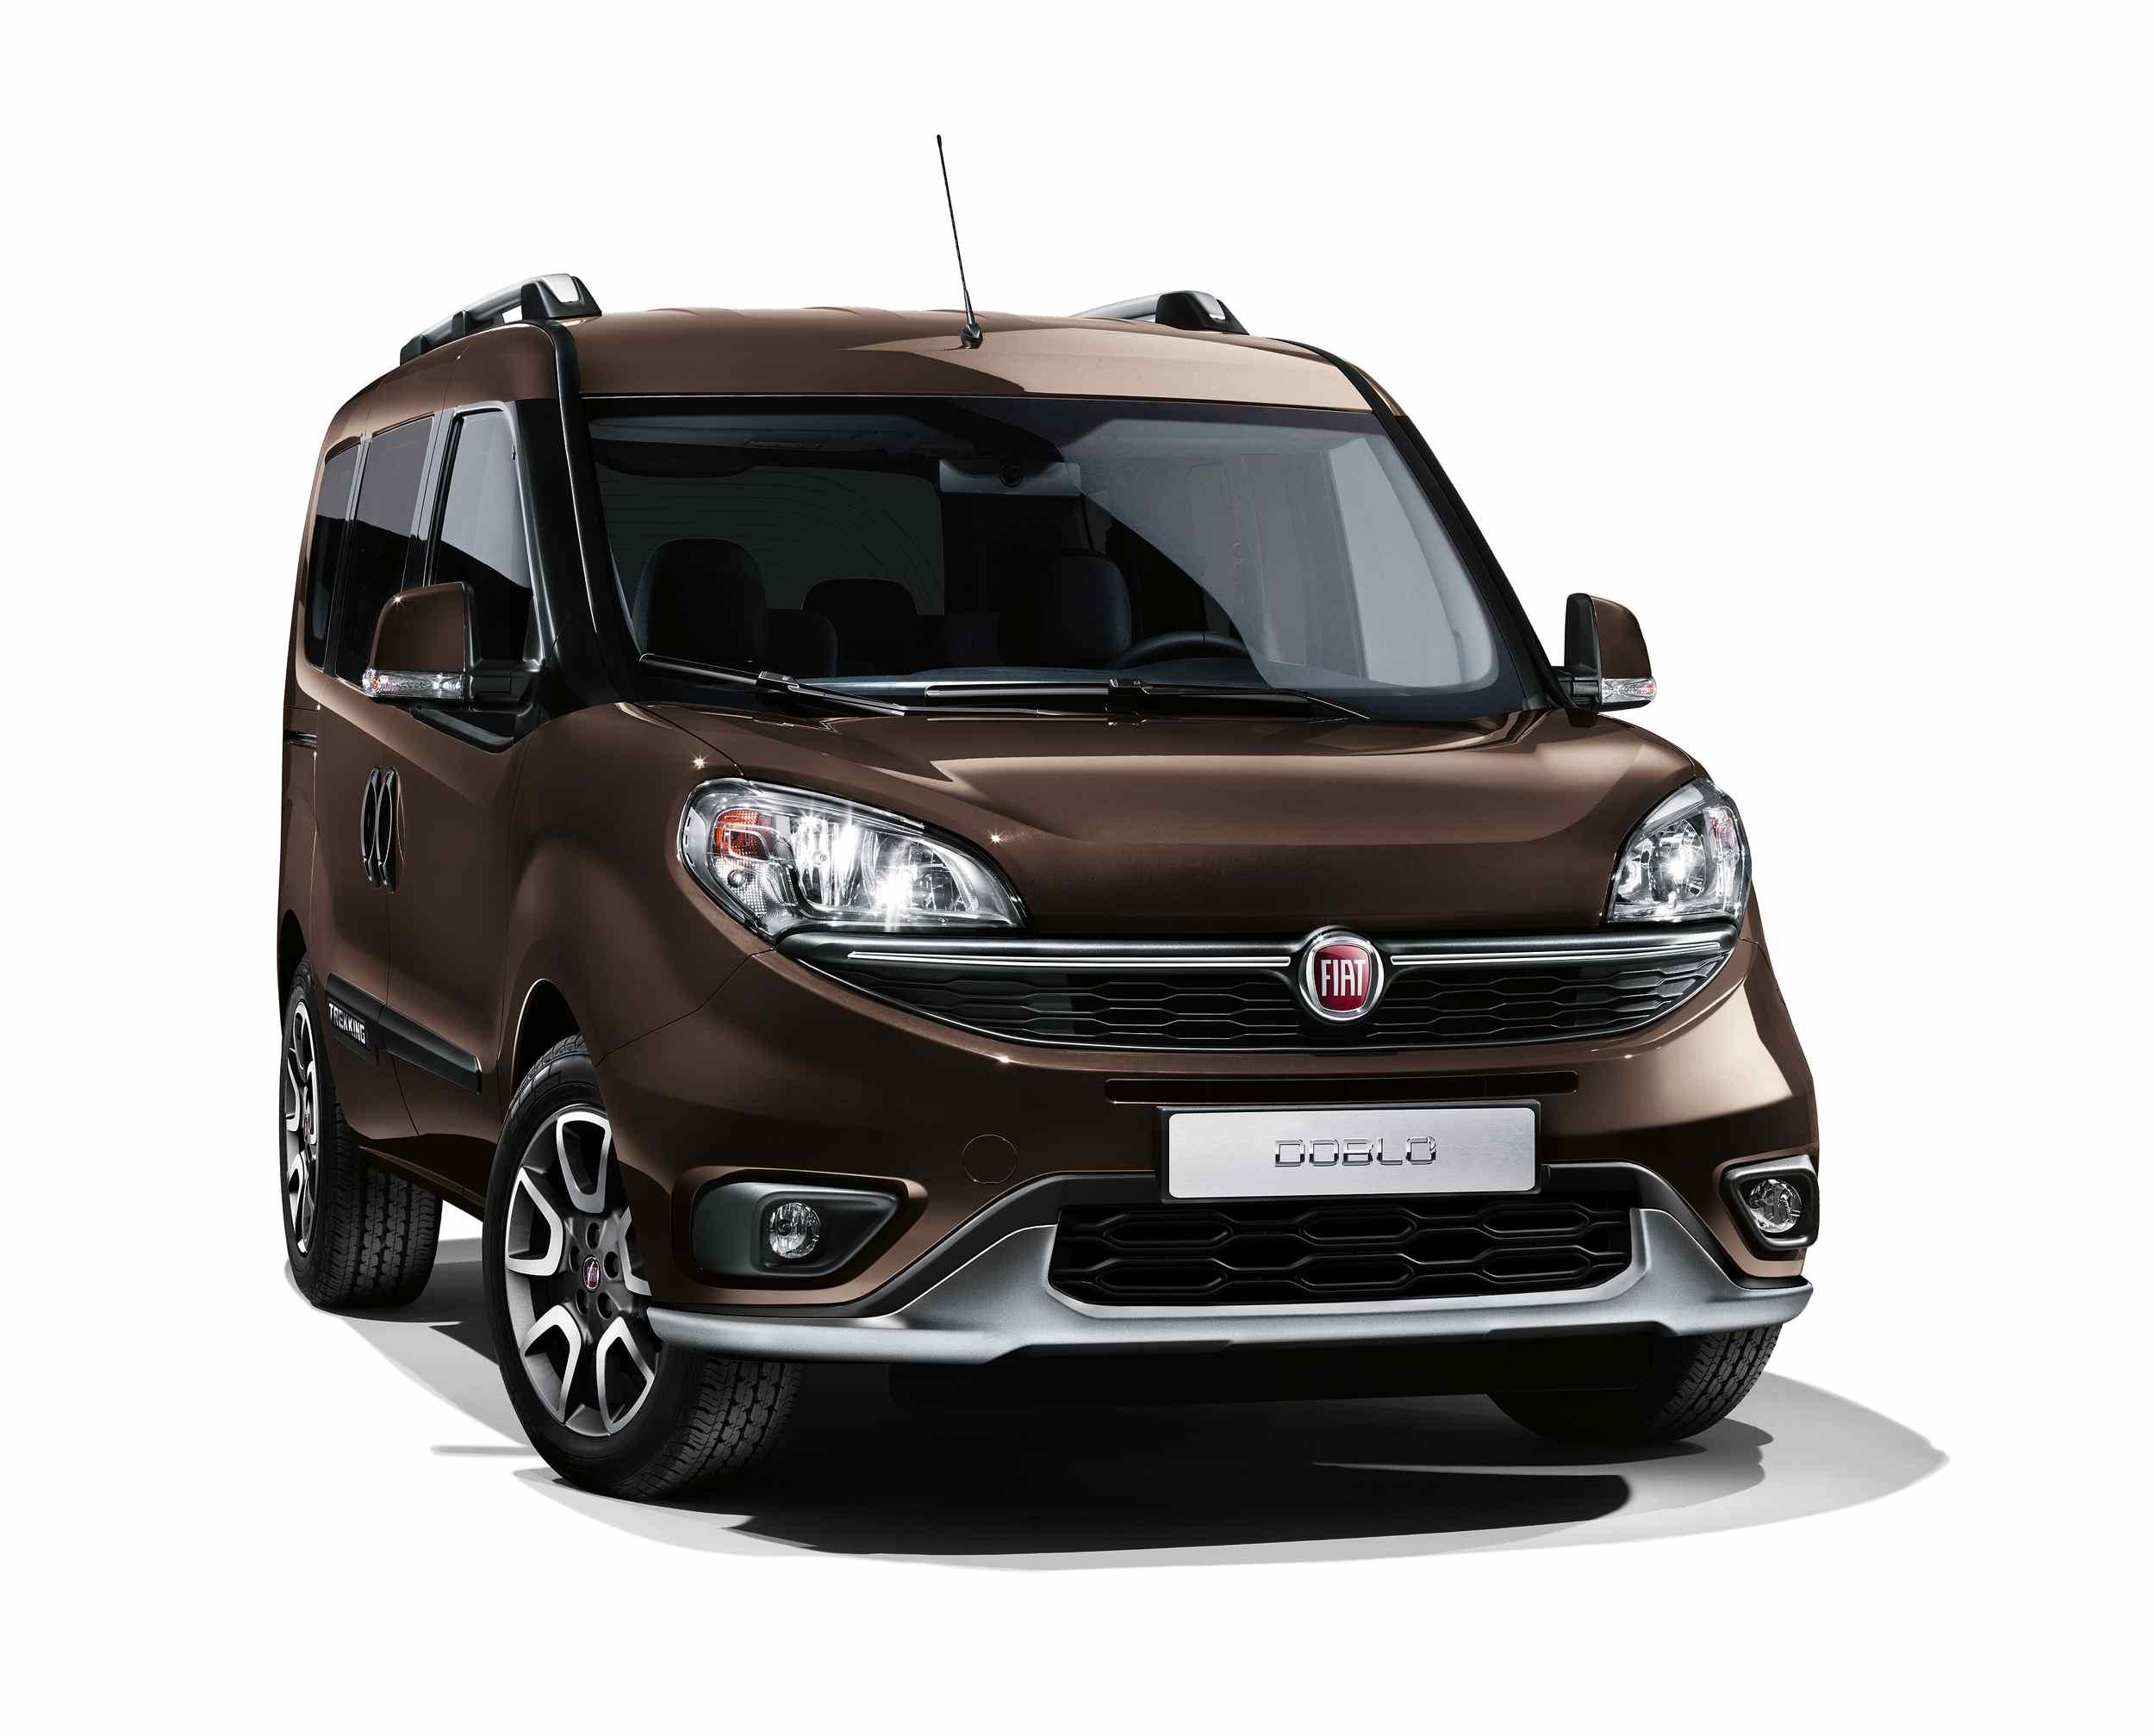 Fiat Doblo Trekking 2015 01